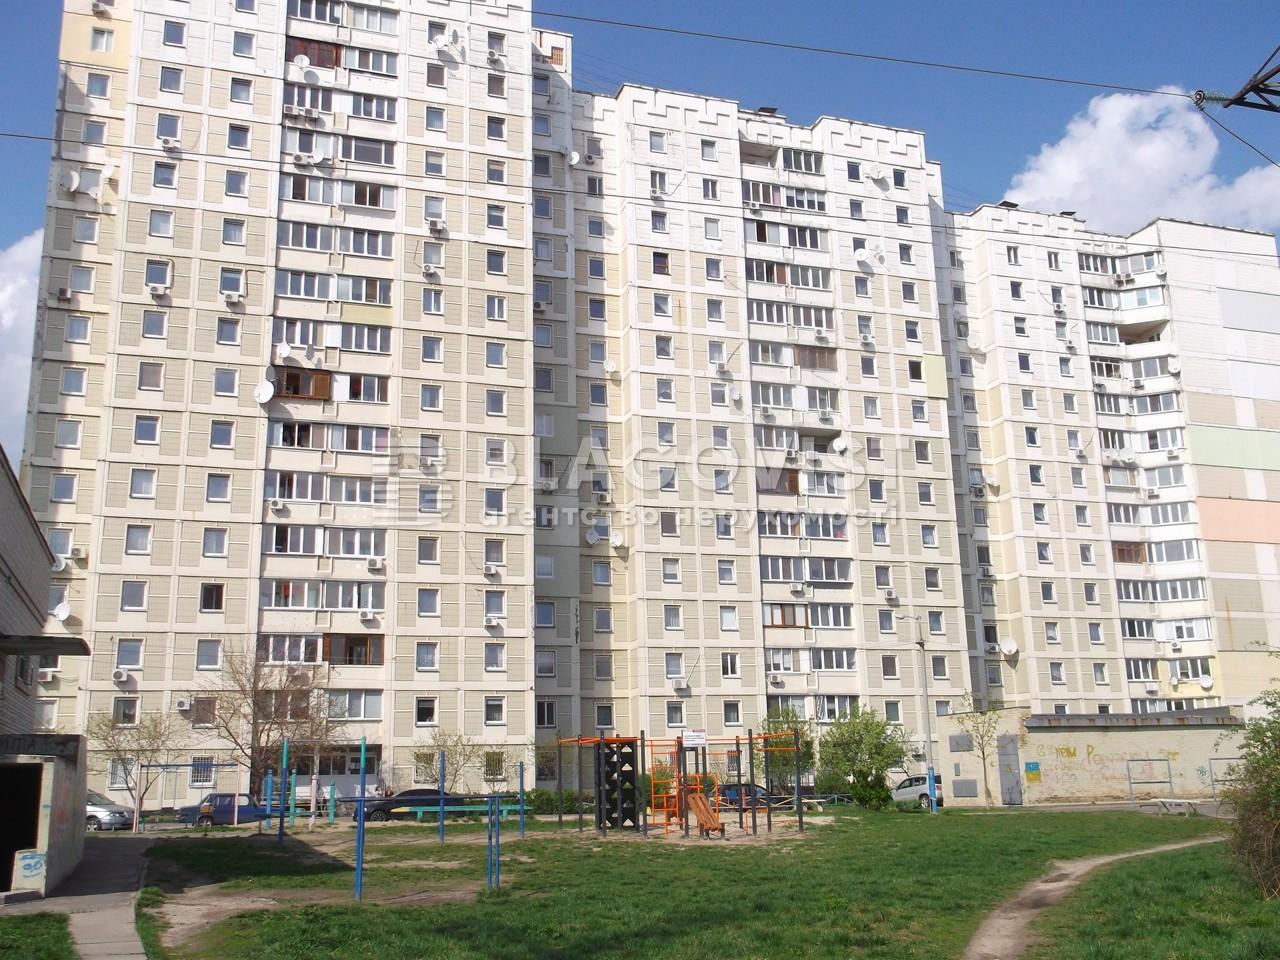 Квартира D-13361, Котовского, 47, Киев - Фото 1